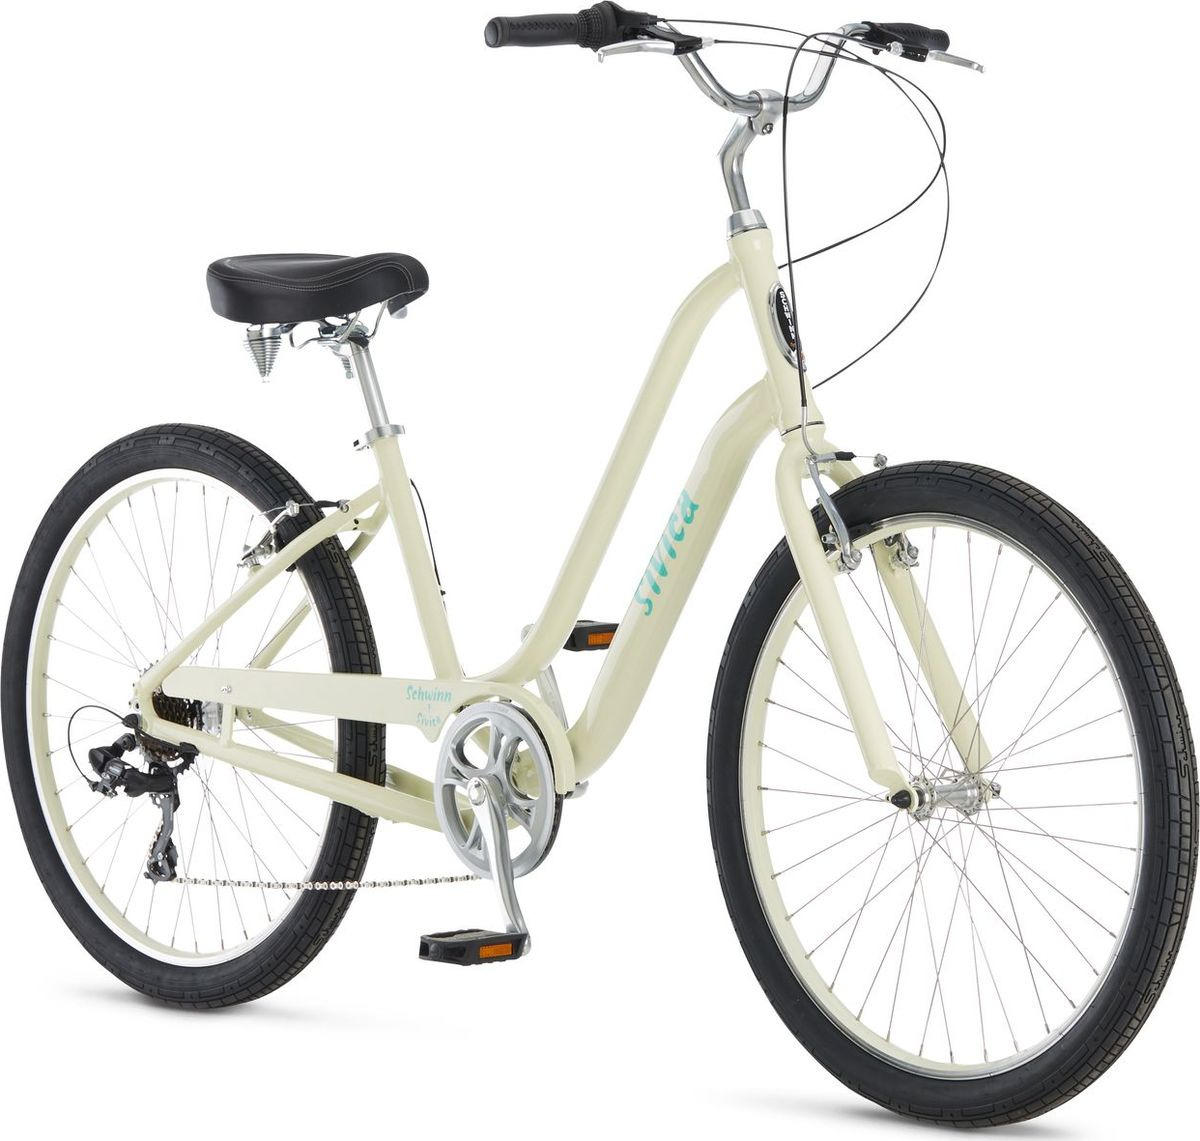 Велосипед городской Schwinn Sivica 7 Women, колесо 26, бежевый, 7 скоростей